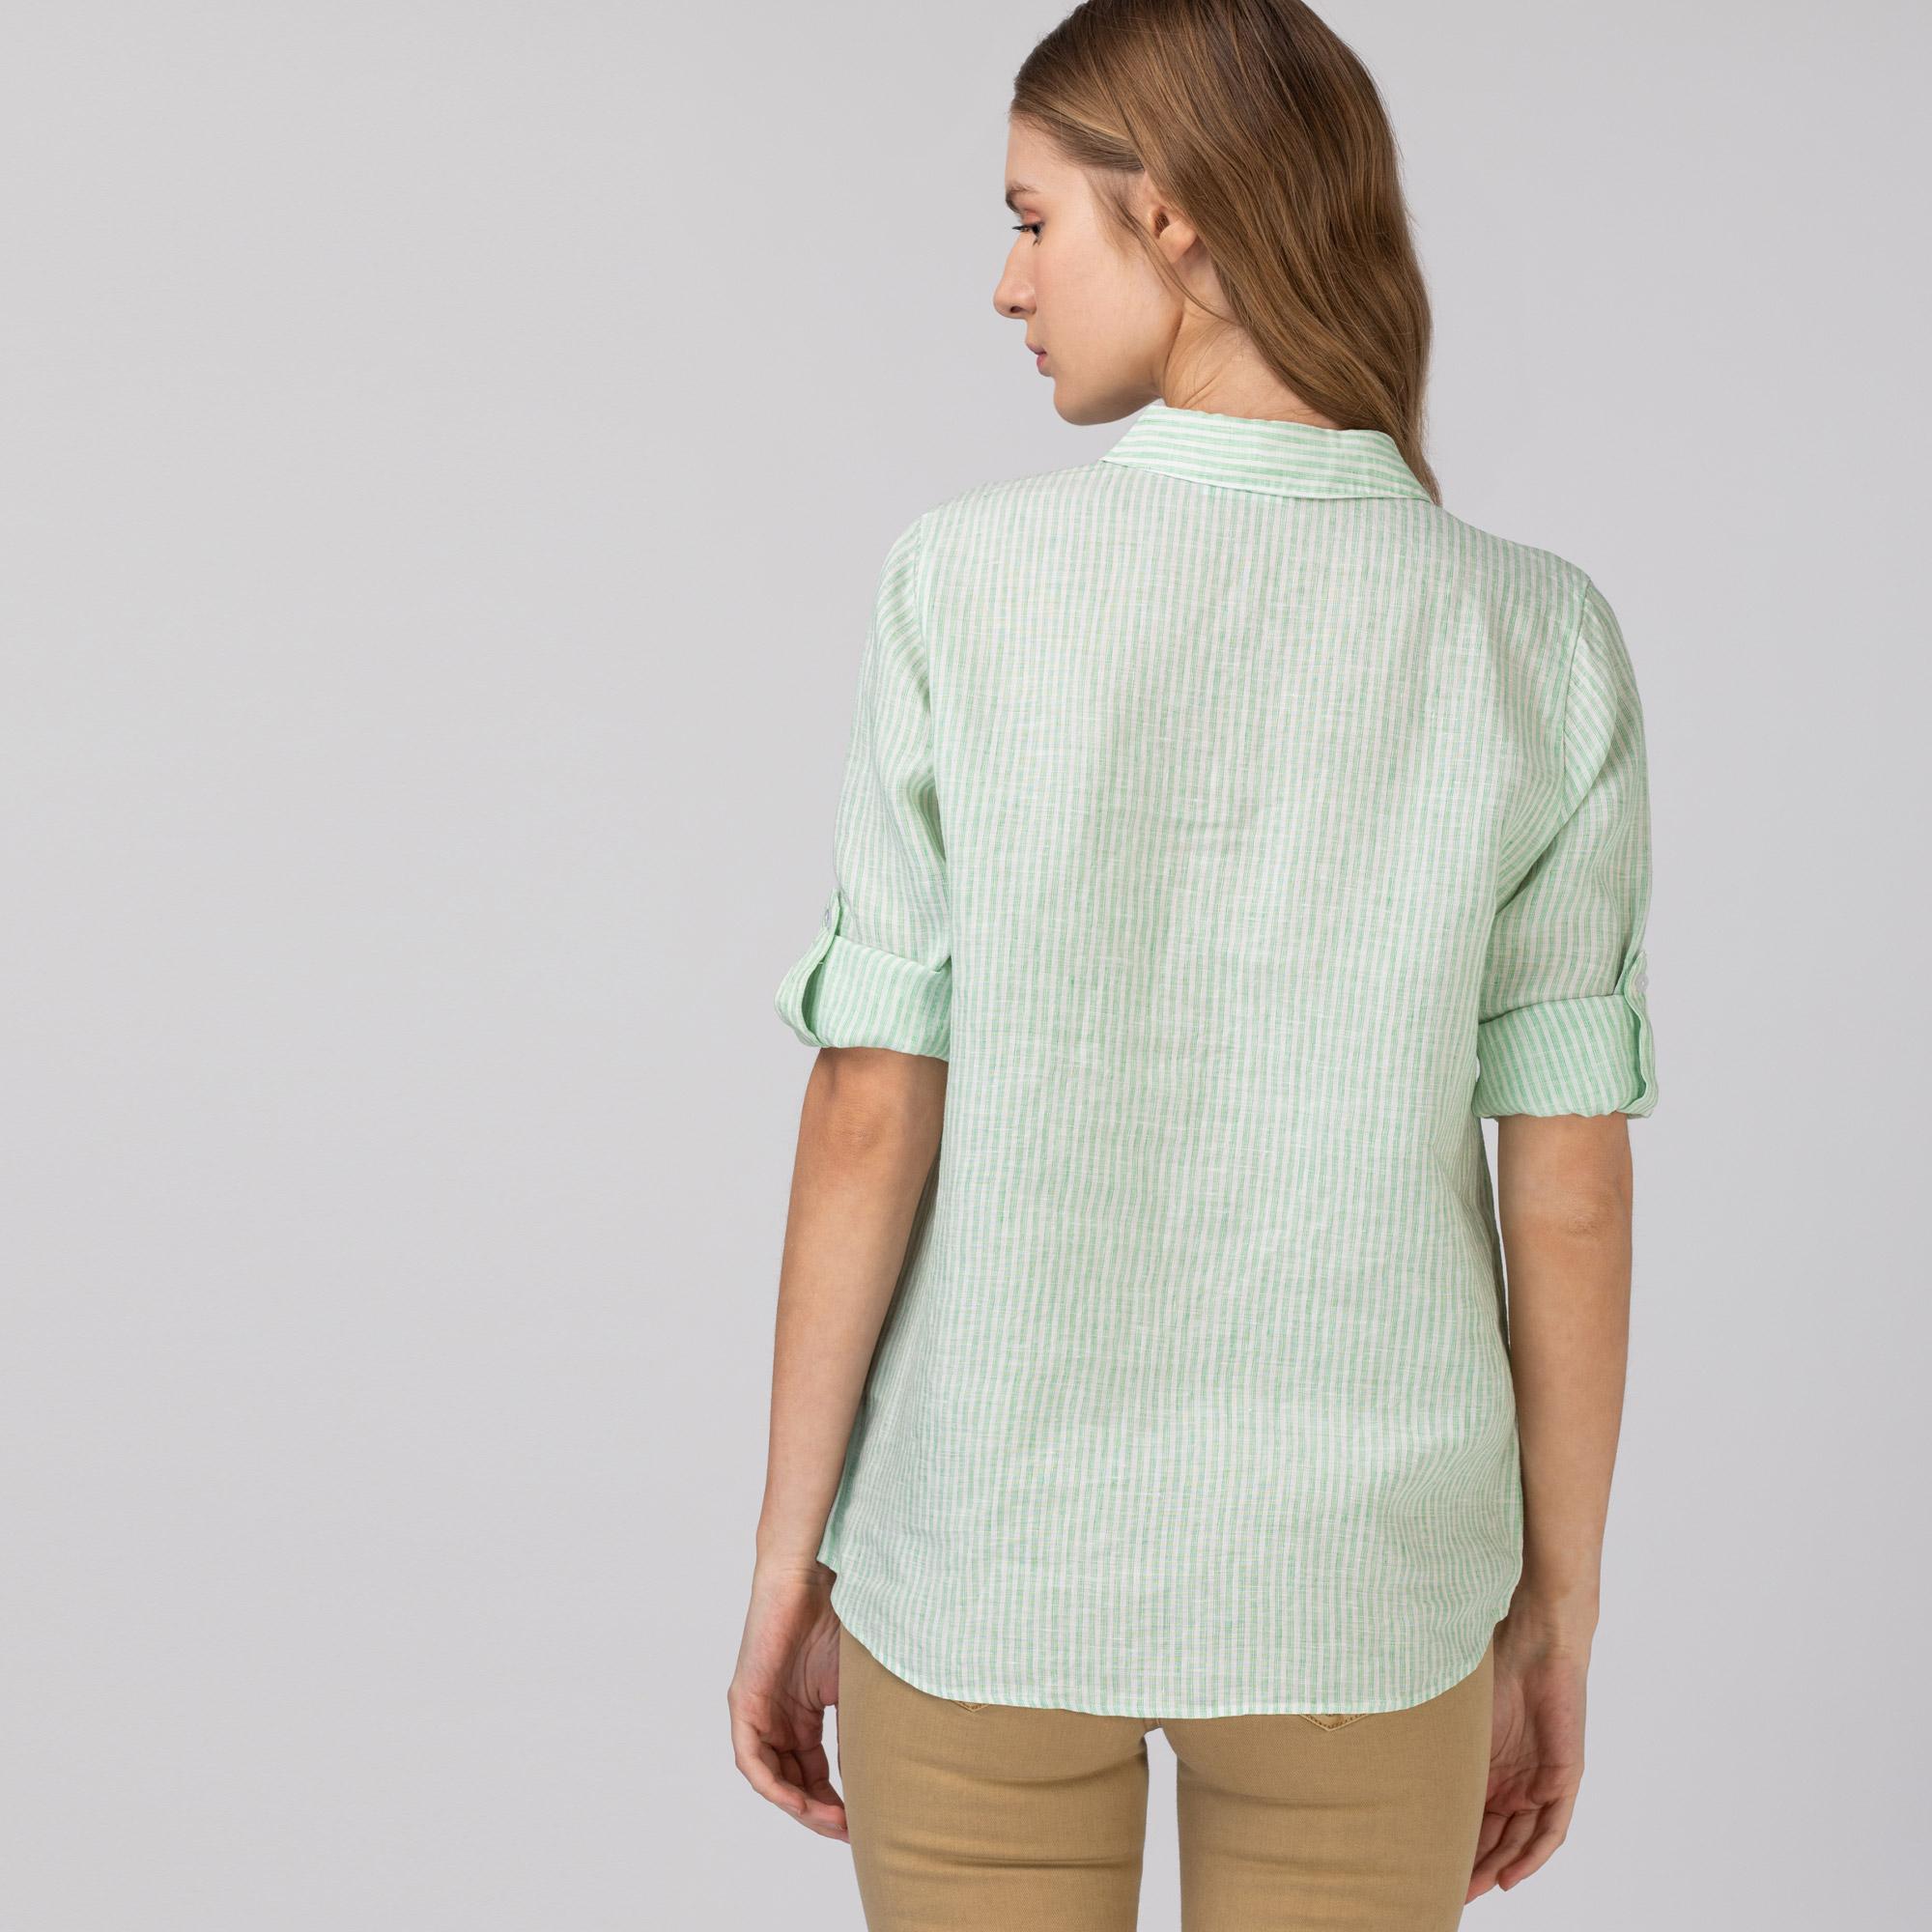 Lacoste Kadın Keten Çizgili Yeşil Gömlek